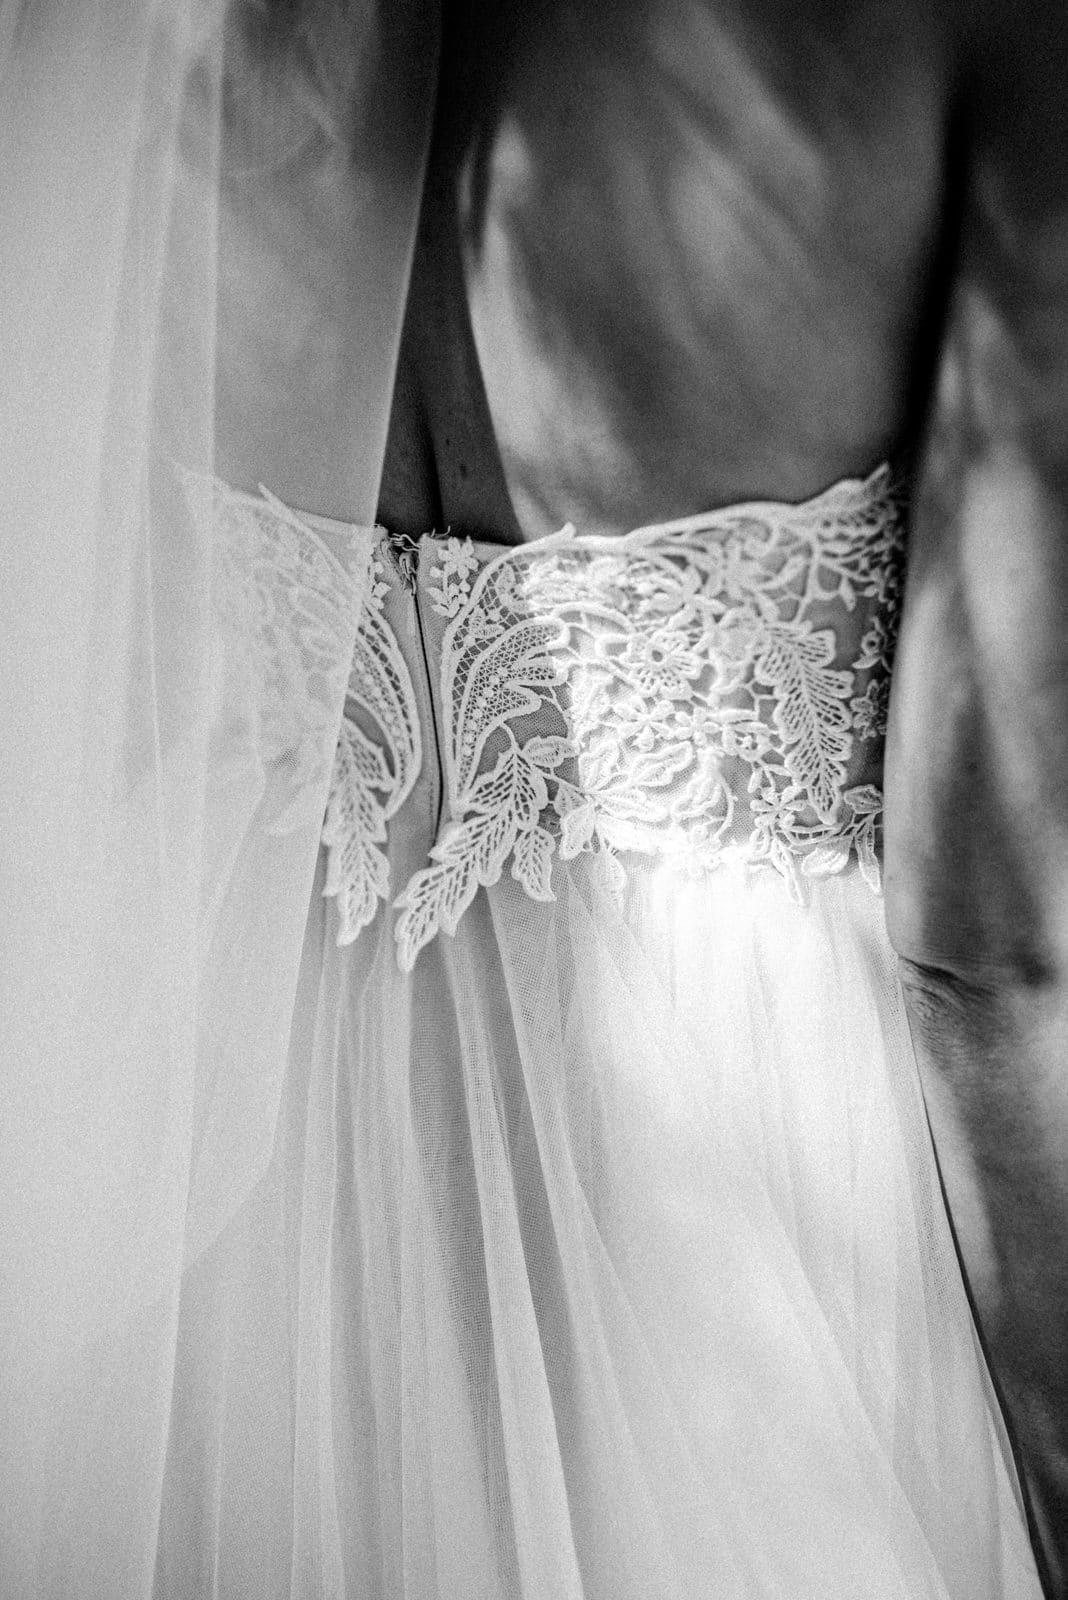 Details des Hochzeitskleides aufgenommen beim Getting Ready am Hochzeitstag